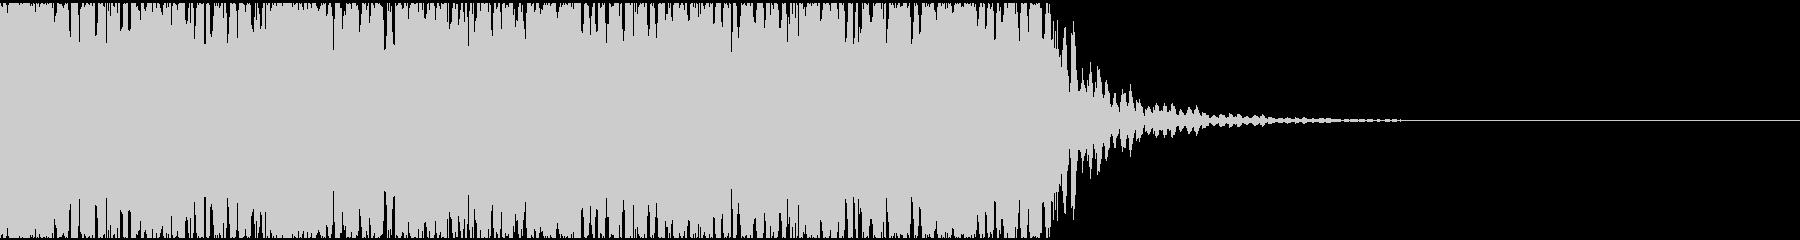 【エレクトロニカ】テクノ、ジングル1 の未再生の波形